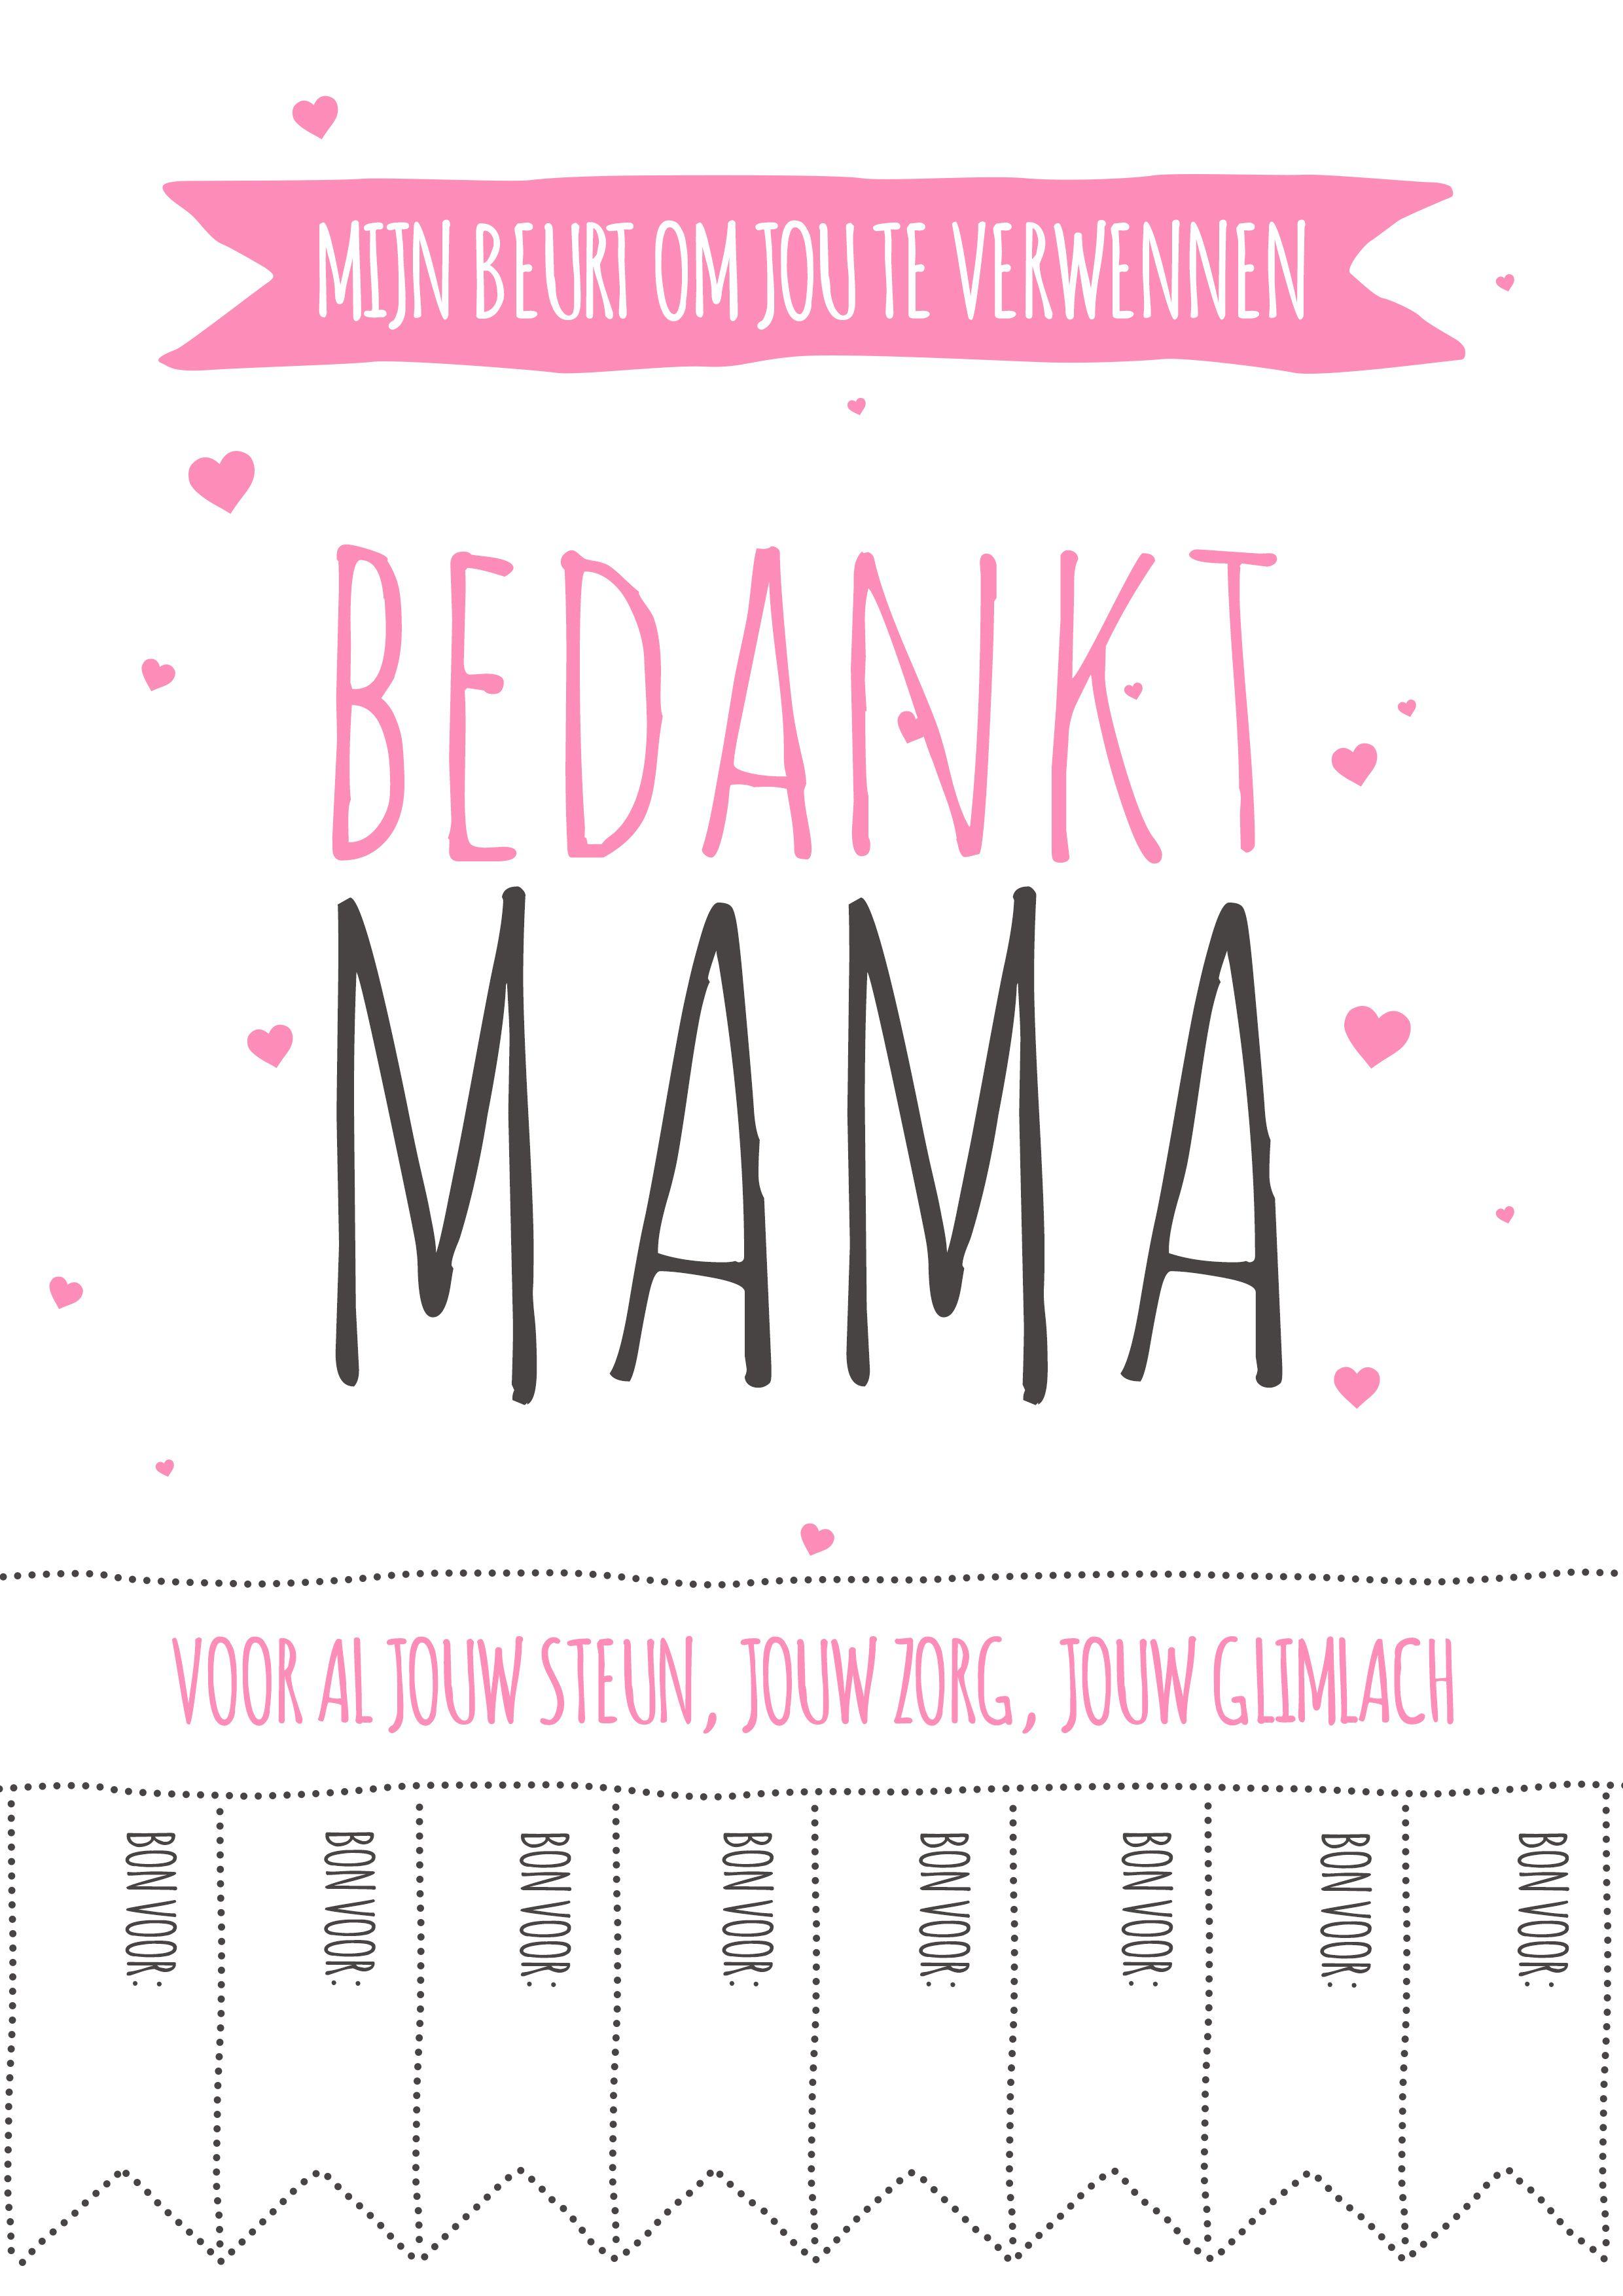 Spiksplinternieuw DIY Moederdag cadeau - Het perfecte geschenk | Diy moederdag LW-79